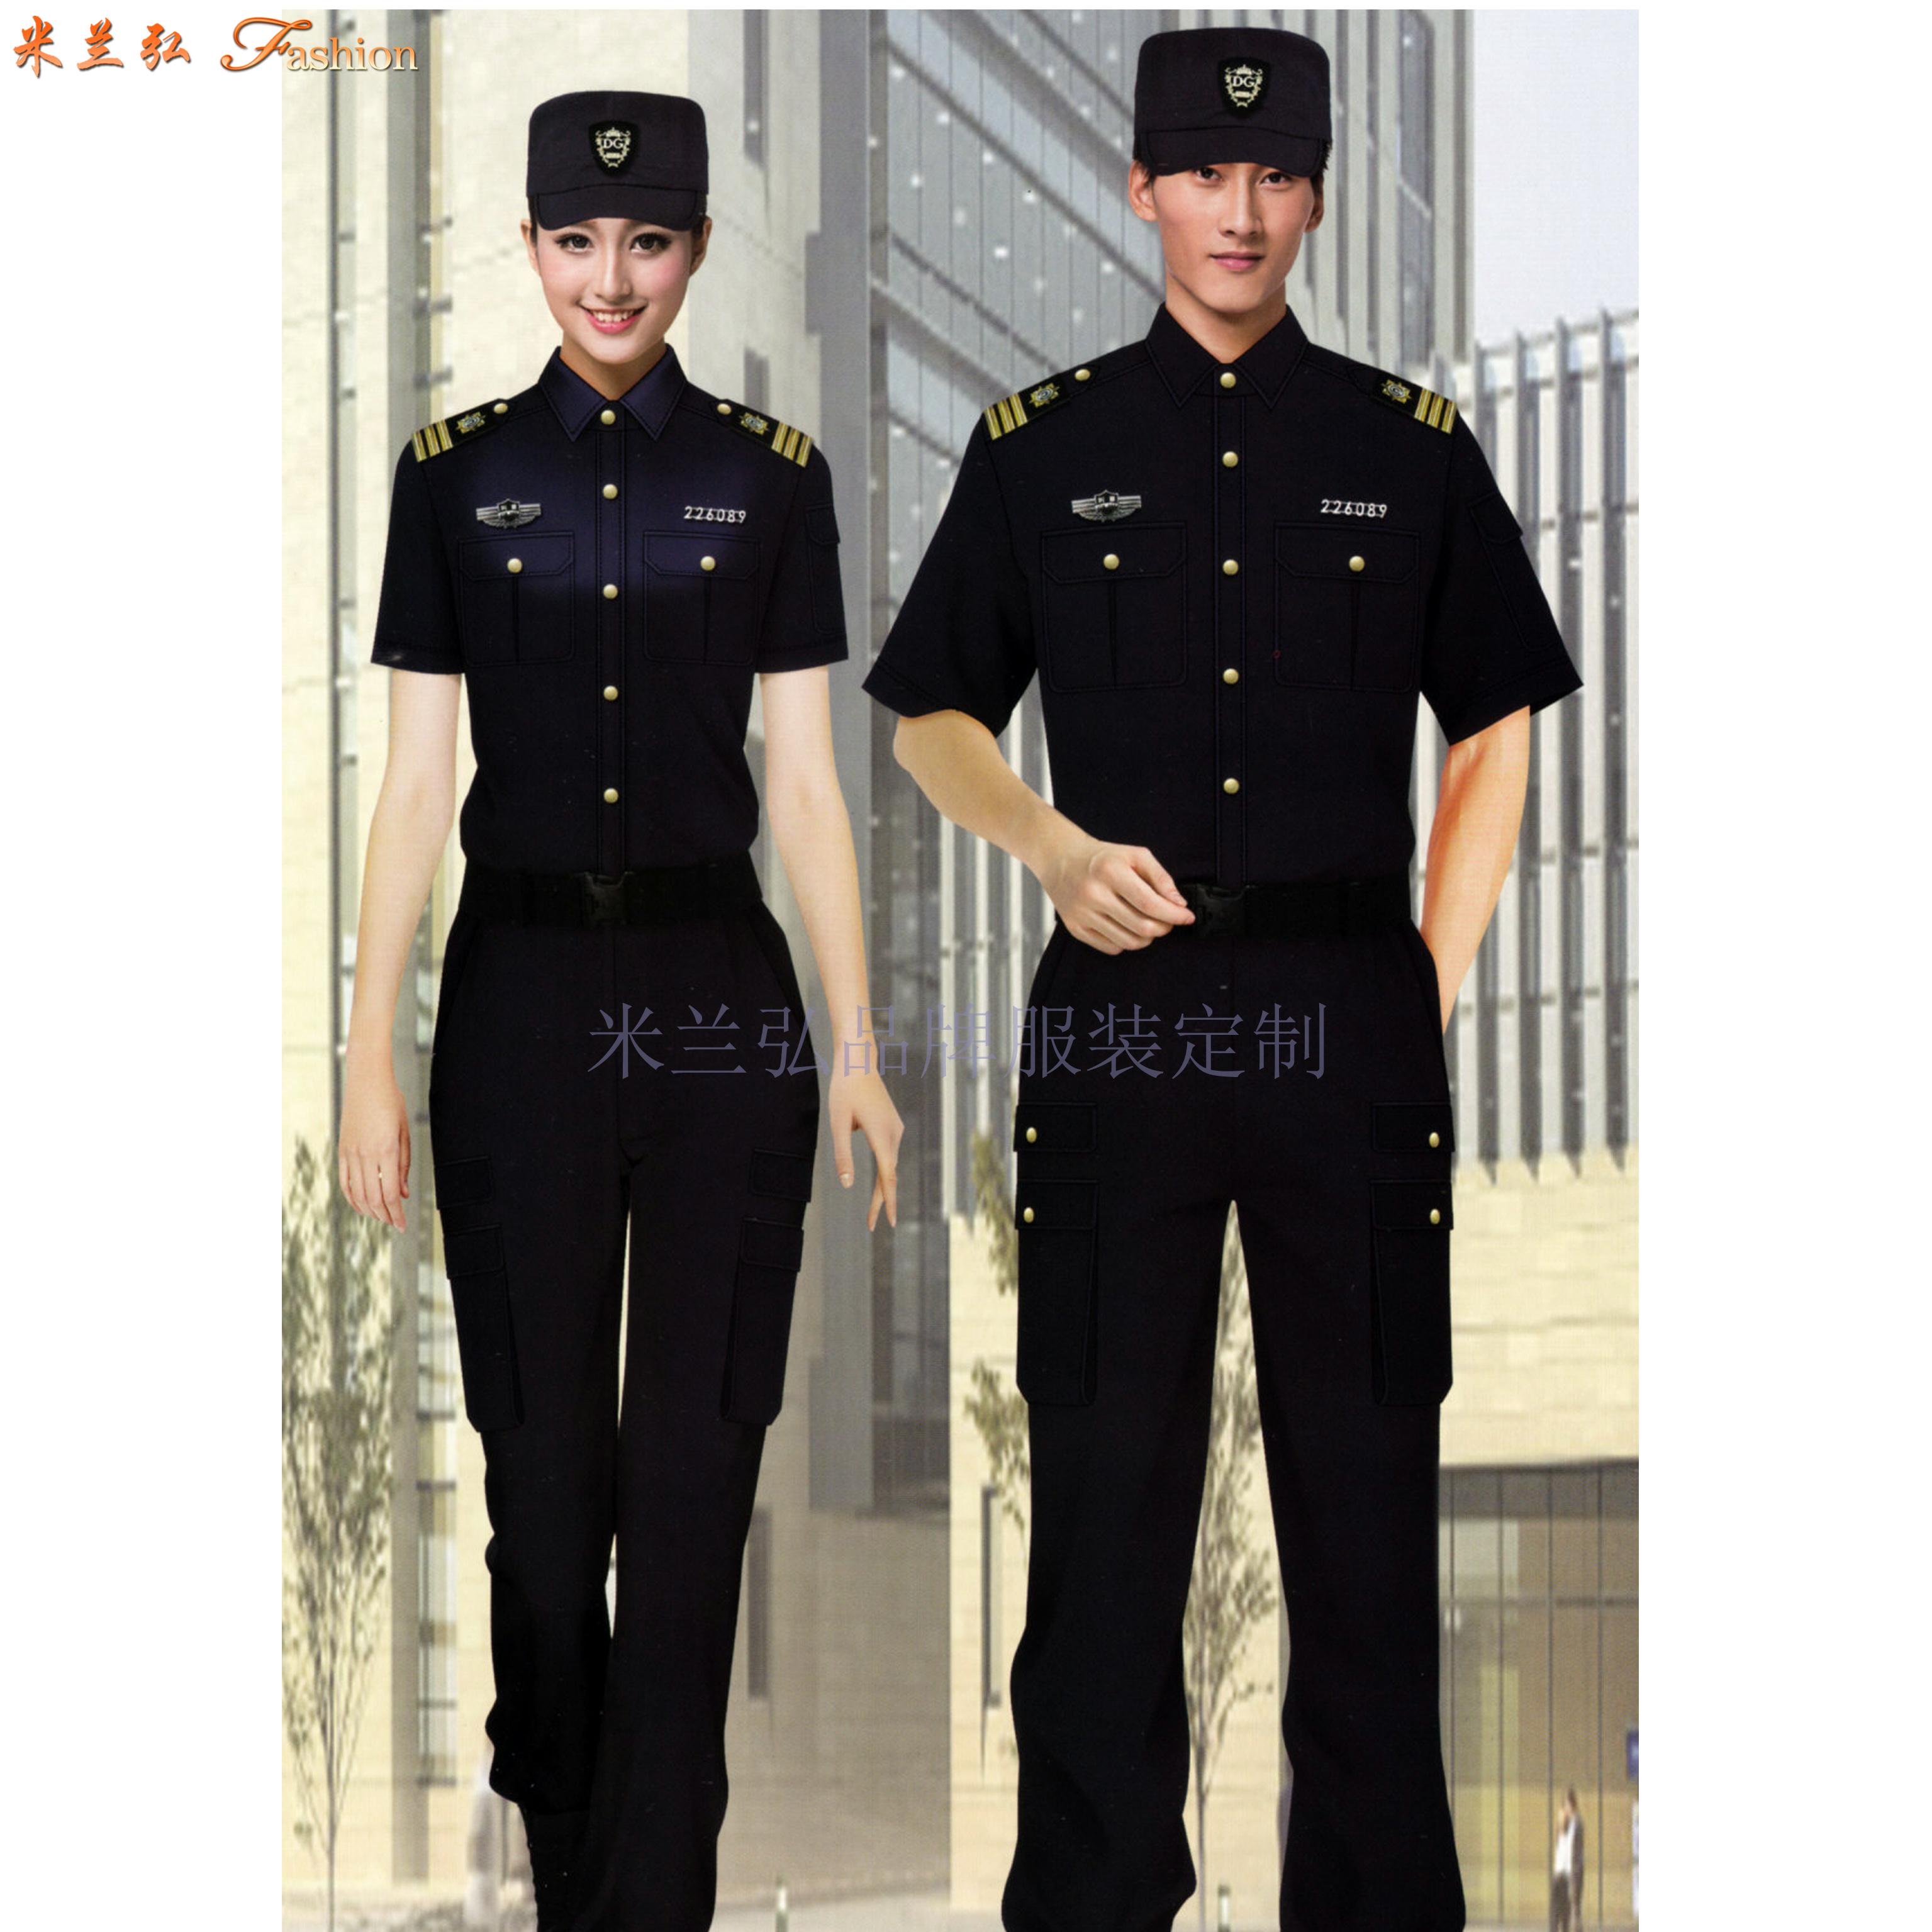 「北京安检服订做」「地铁安检服定作」「城轨安检服定制」👍-1